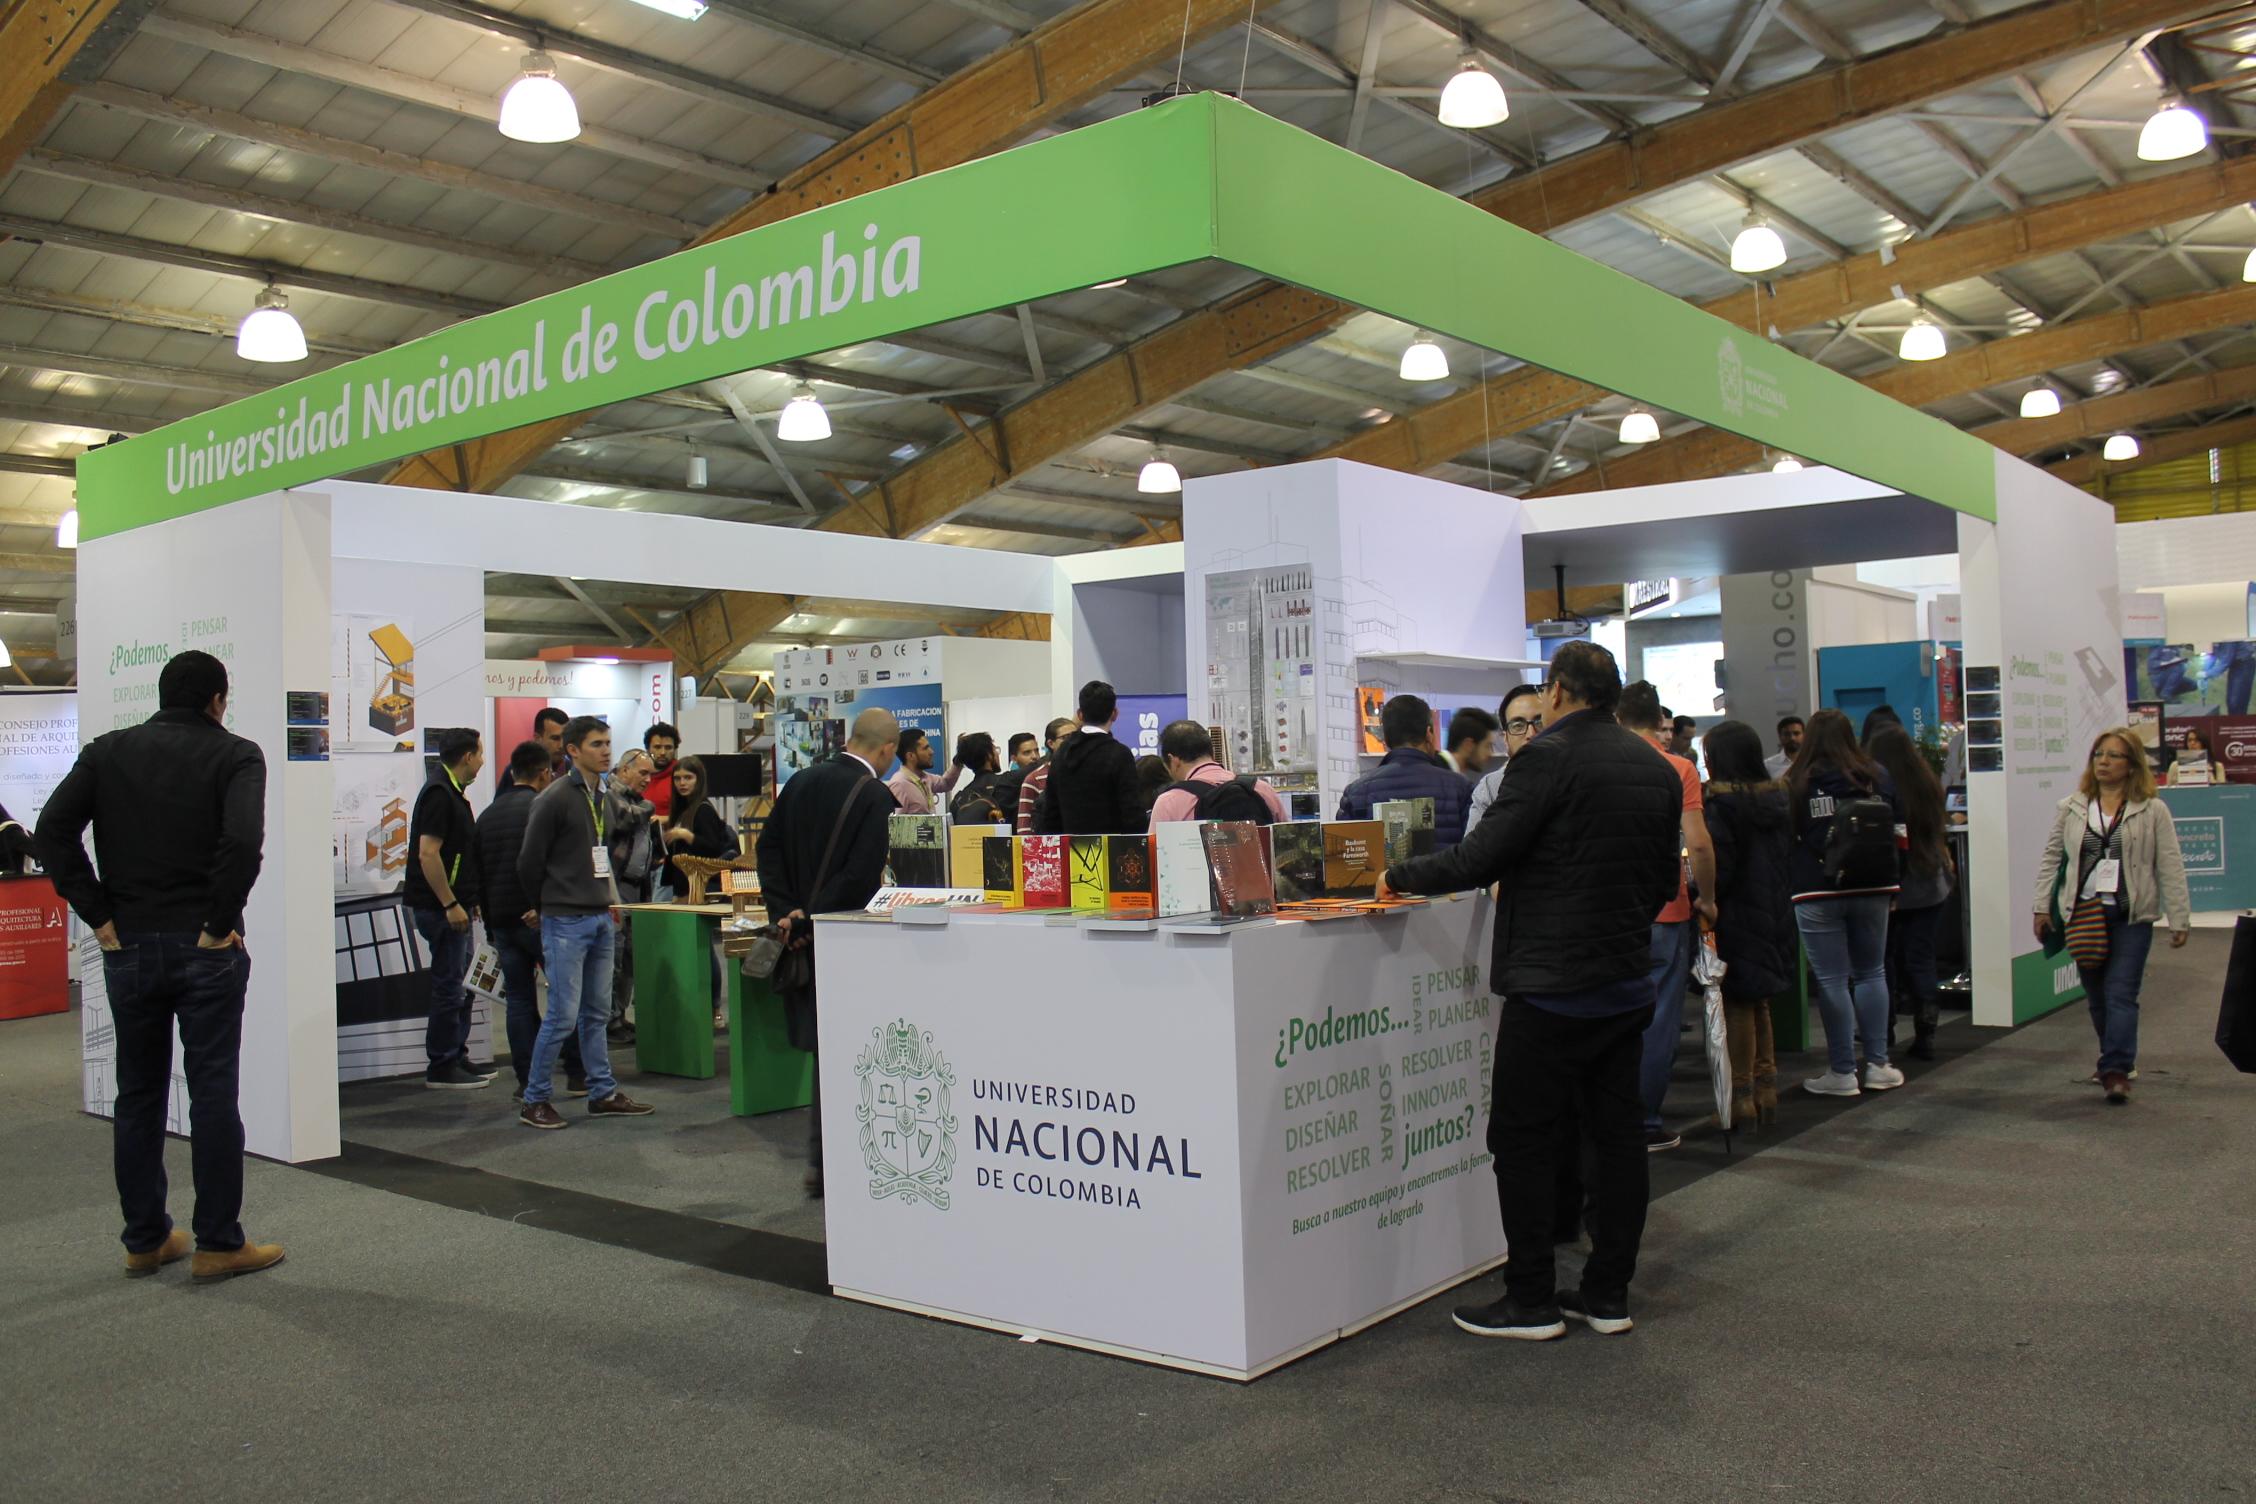 Estand de la Universidad Nacional de Colombia en Expoconstrucción y Expodiseño 2019 (Fotos: Diana Becerra B./DIEB)